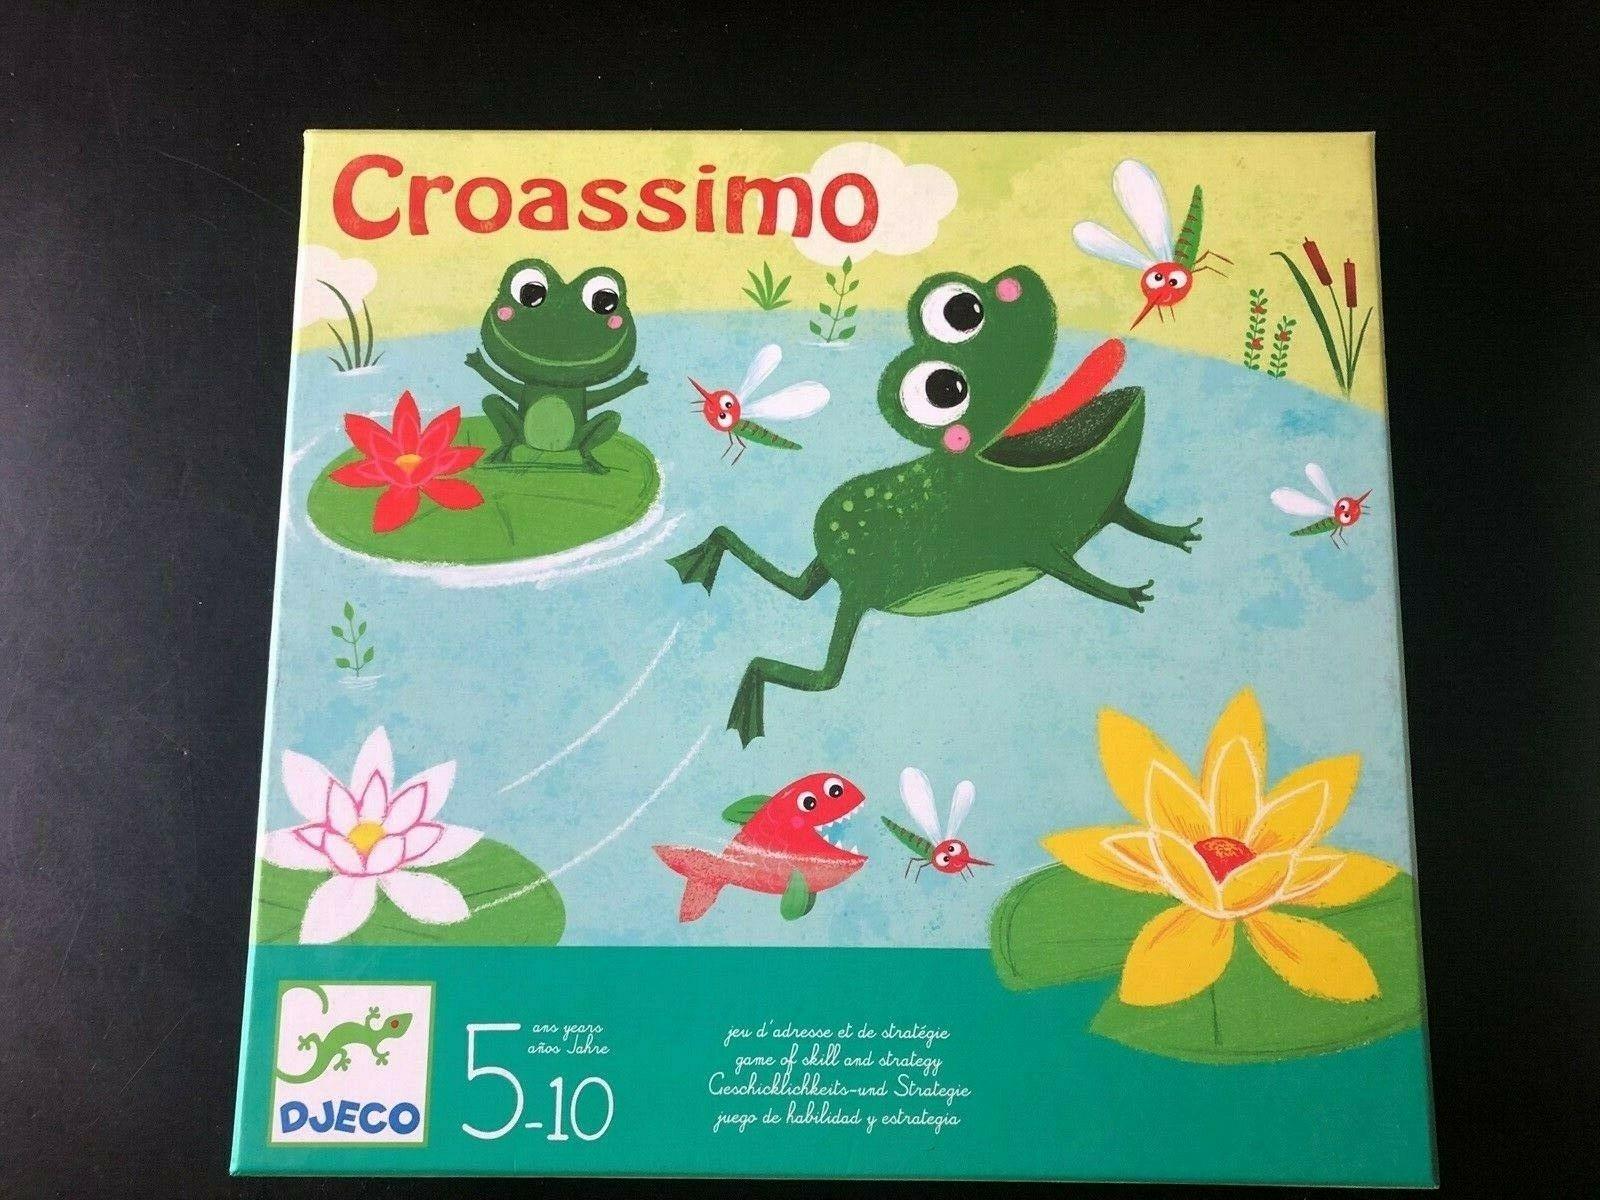 2318 - Croassimo Image